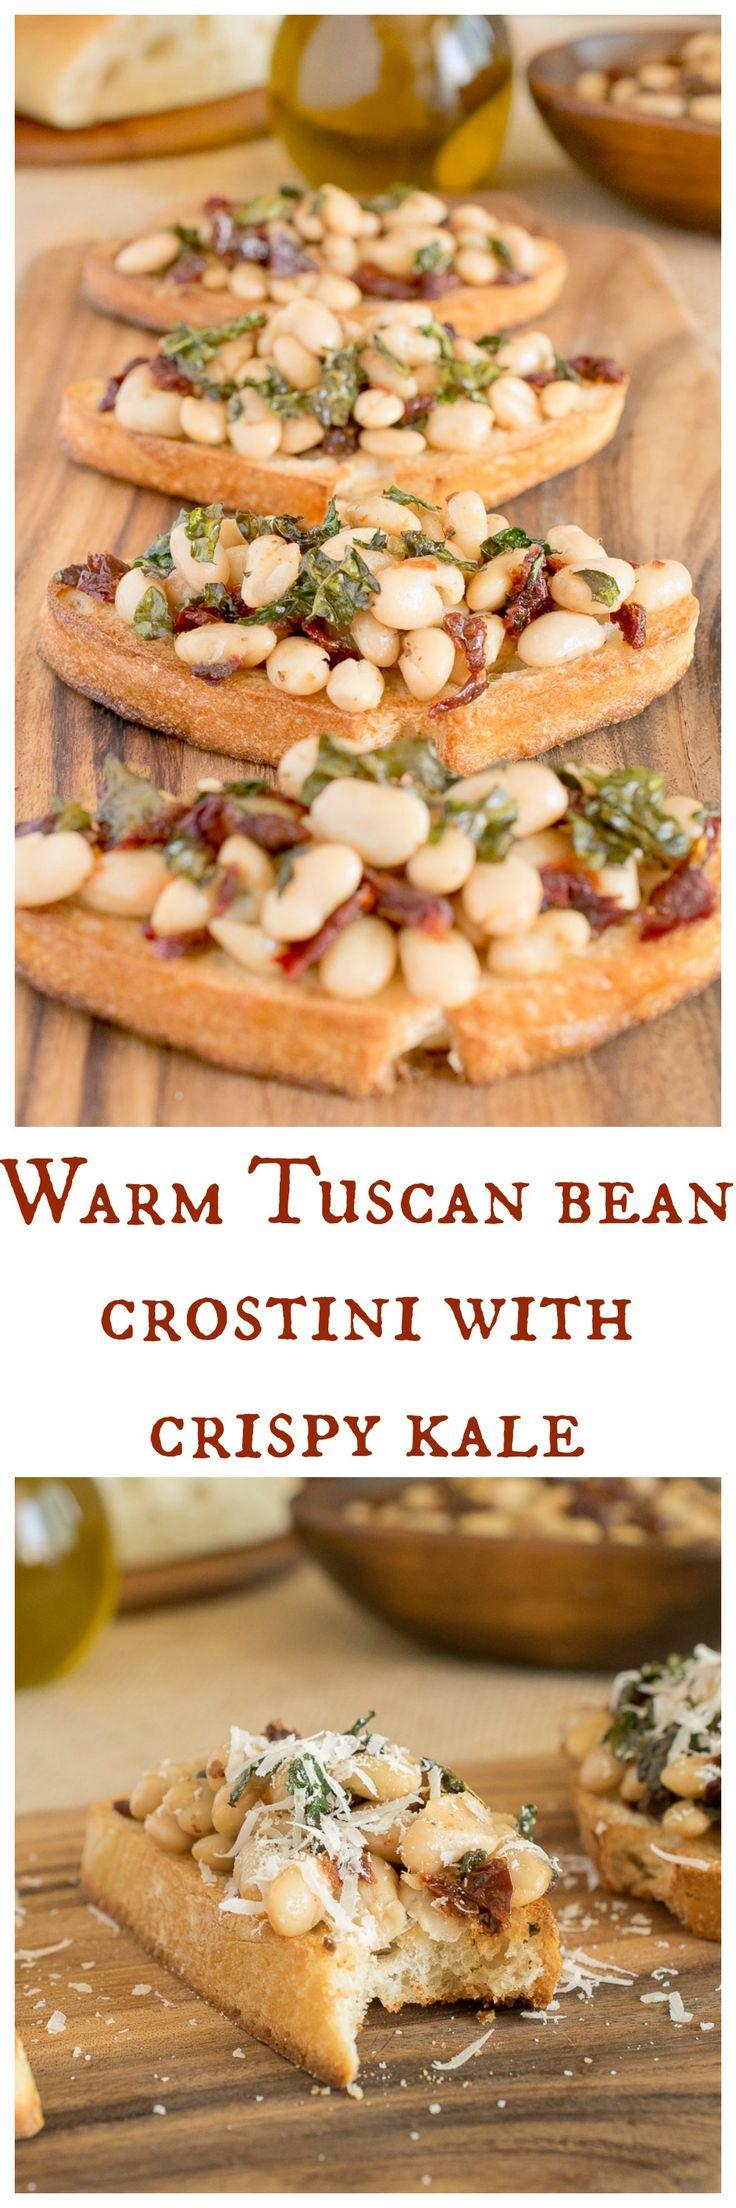 Warm tuscan bean crostini with crispy kale-longpin